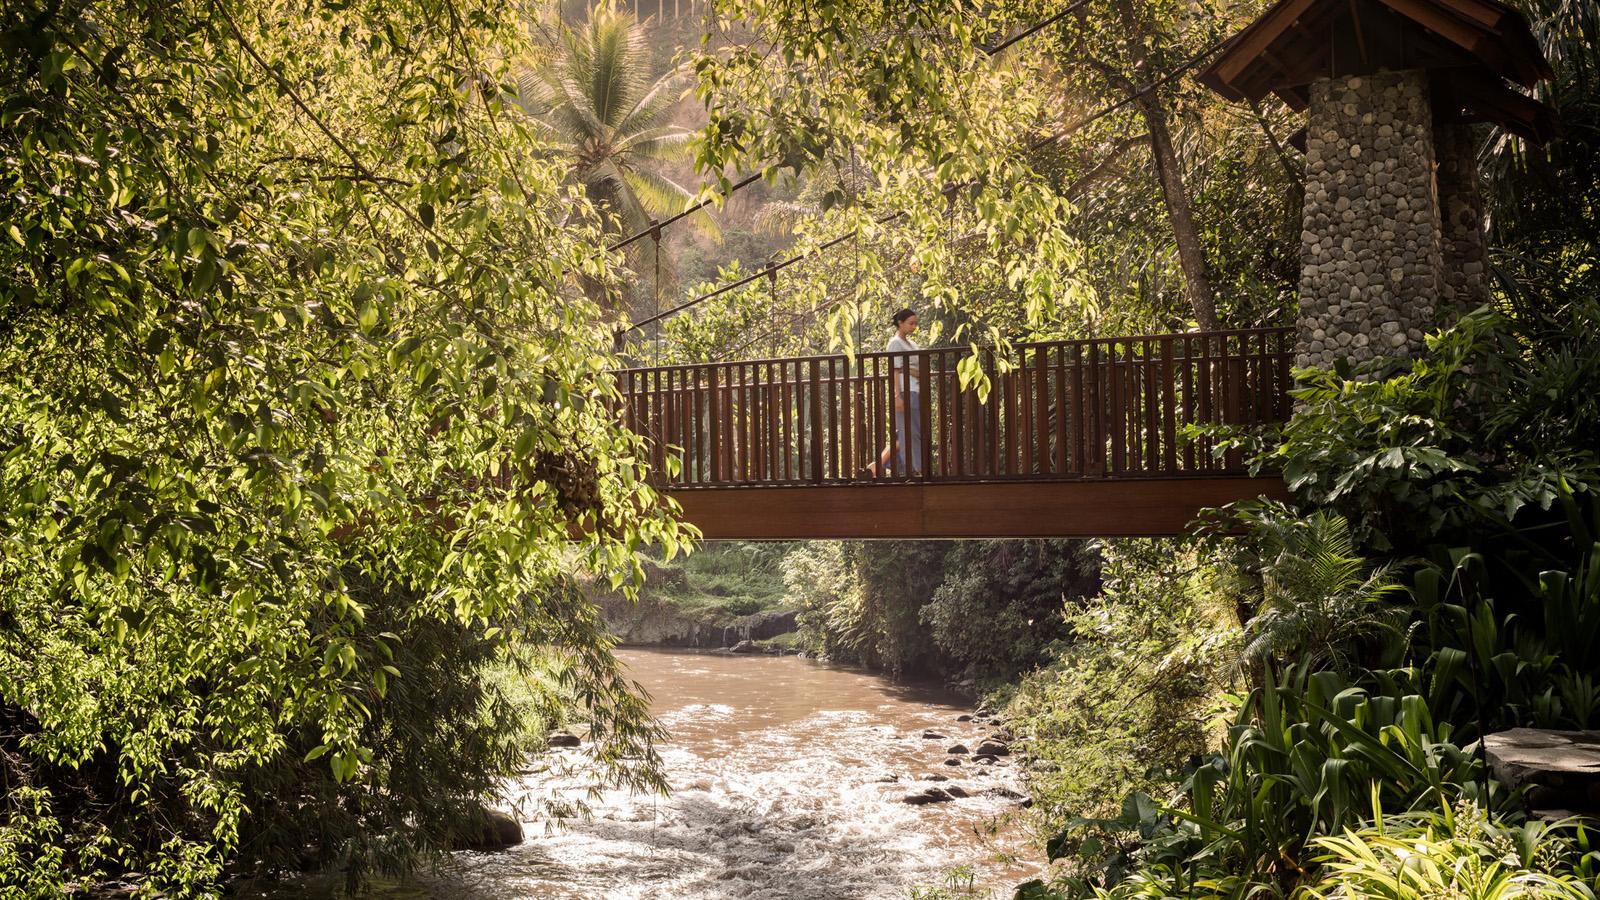 Four Seasons Resort Bali At Sayan Opens New Bridge For